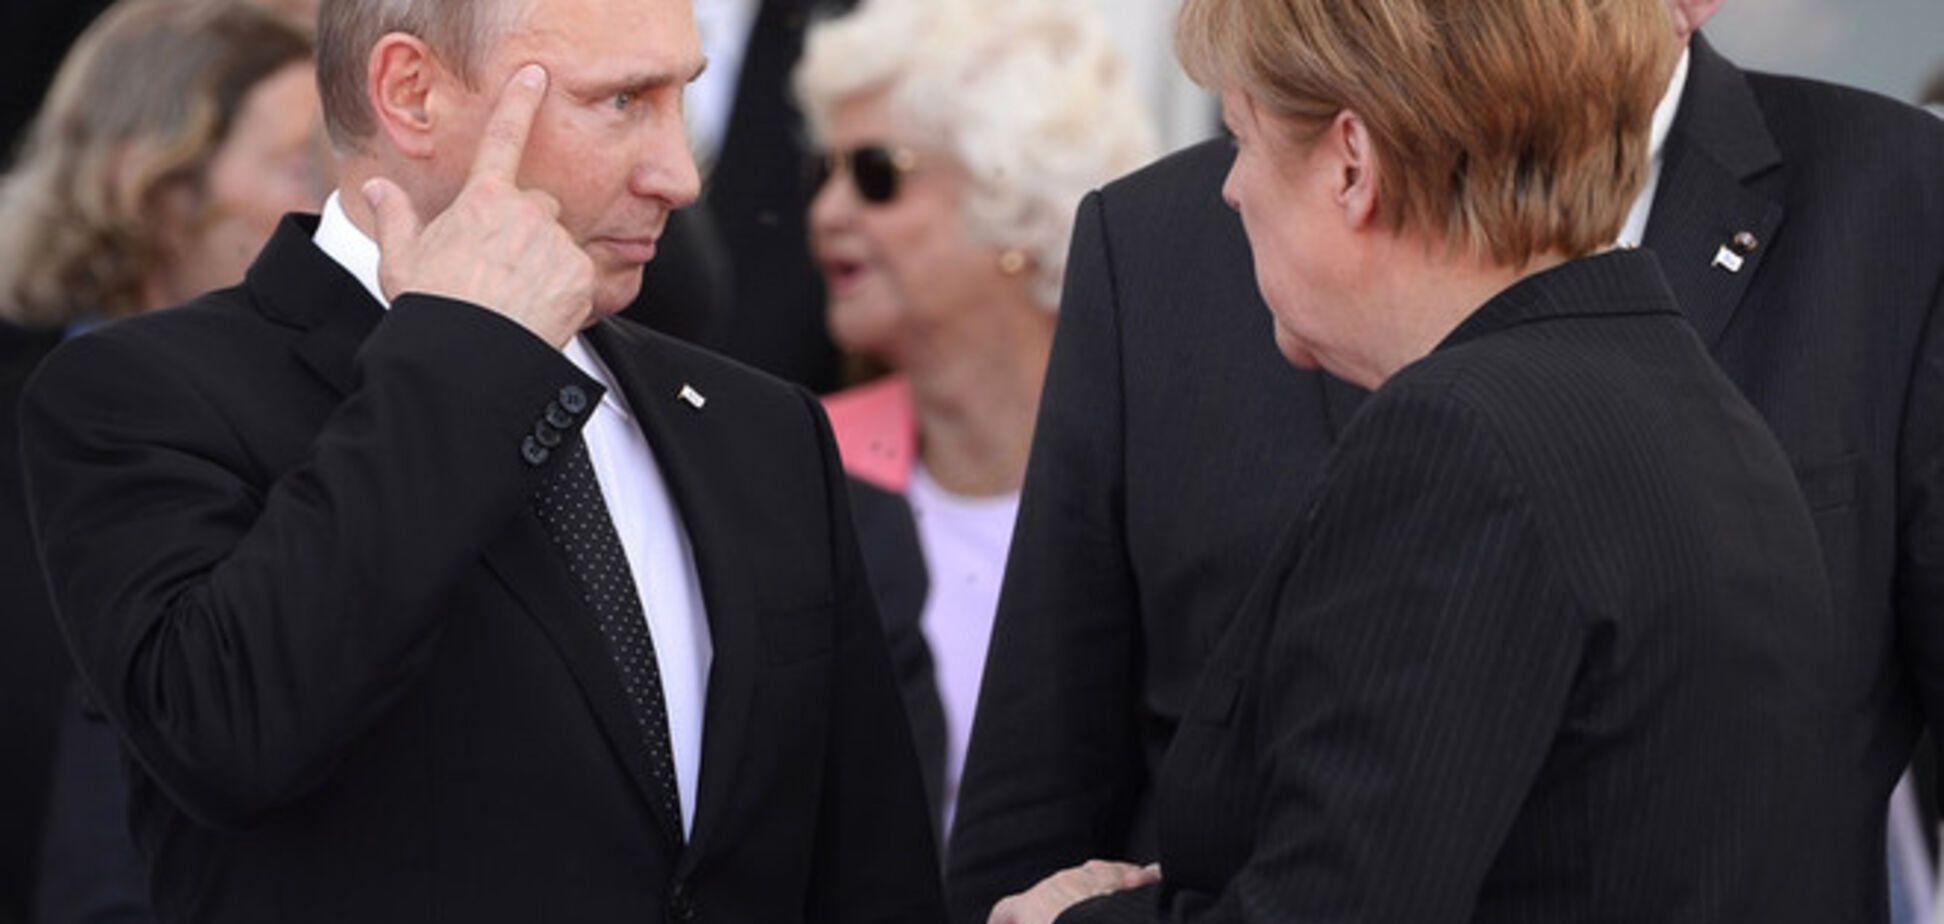 Германия видит в минских переговорах лишь 'проблеск надежды', но не больше